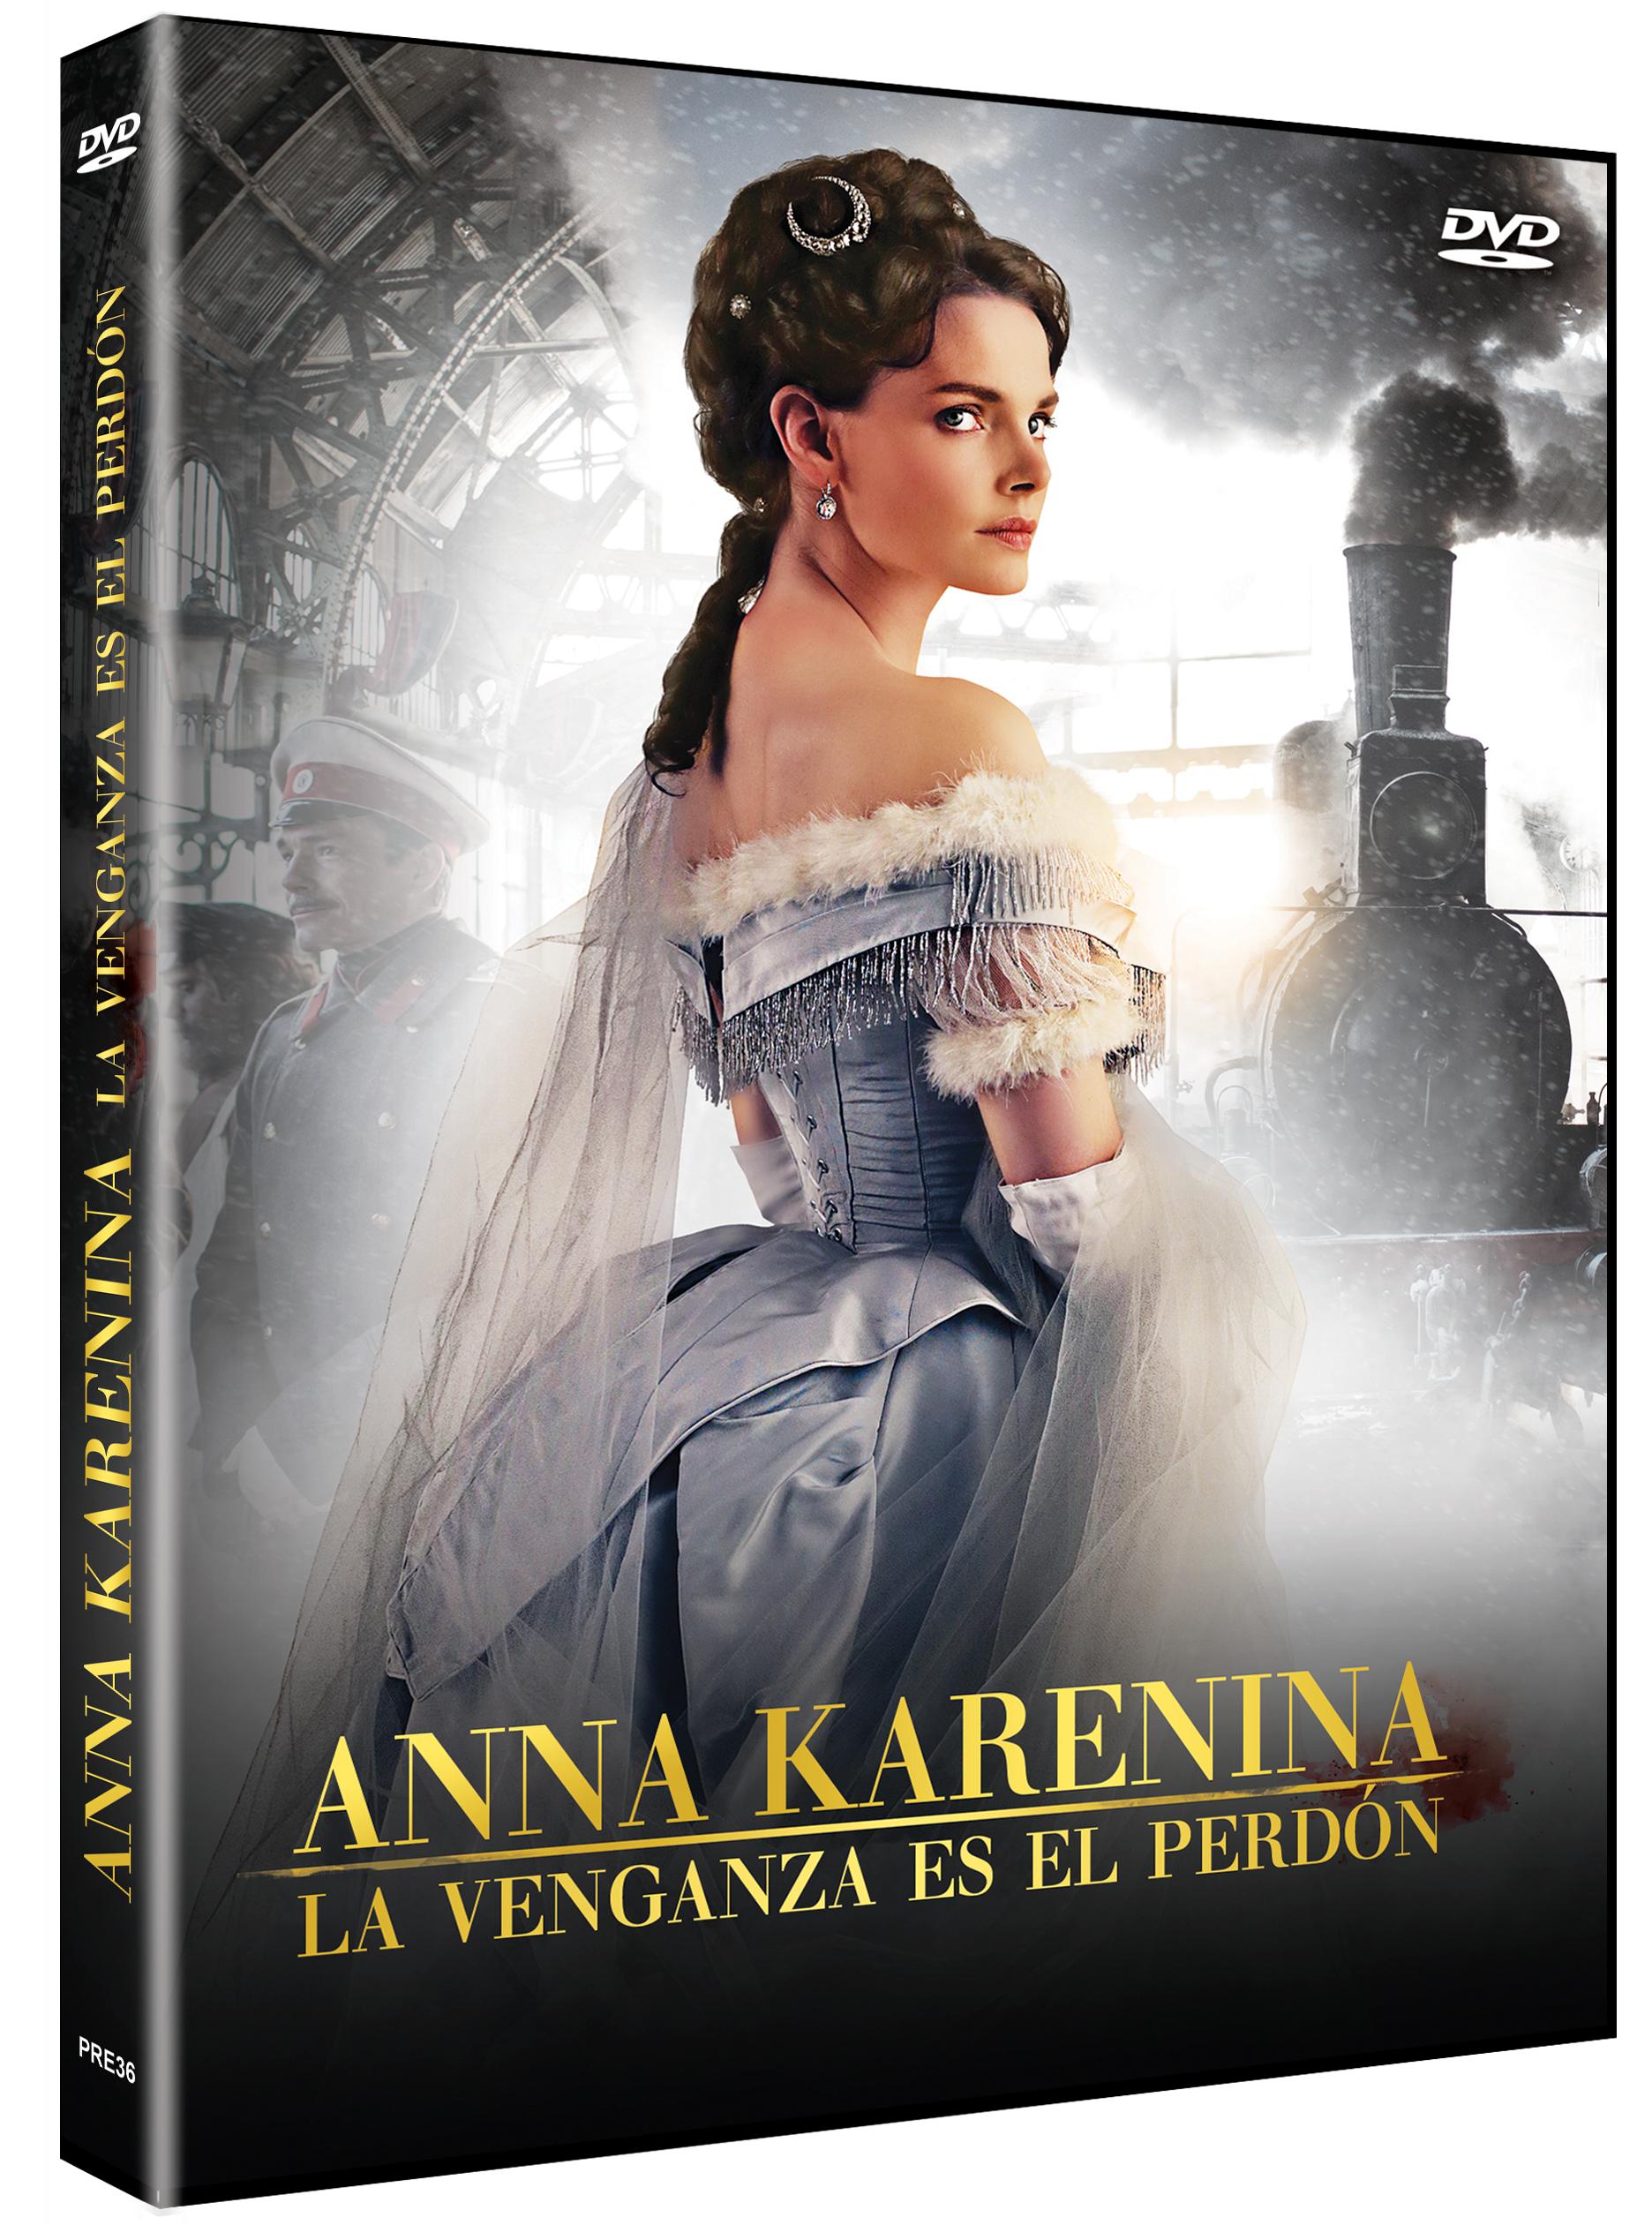 ANNA_KARENIN-DVD-3D